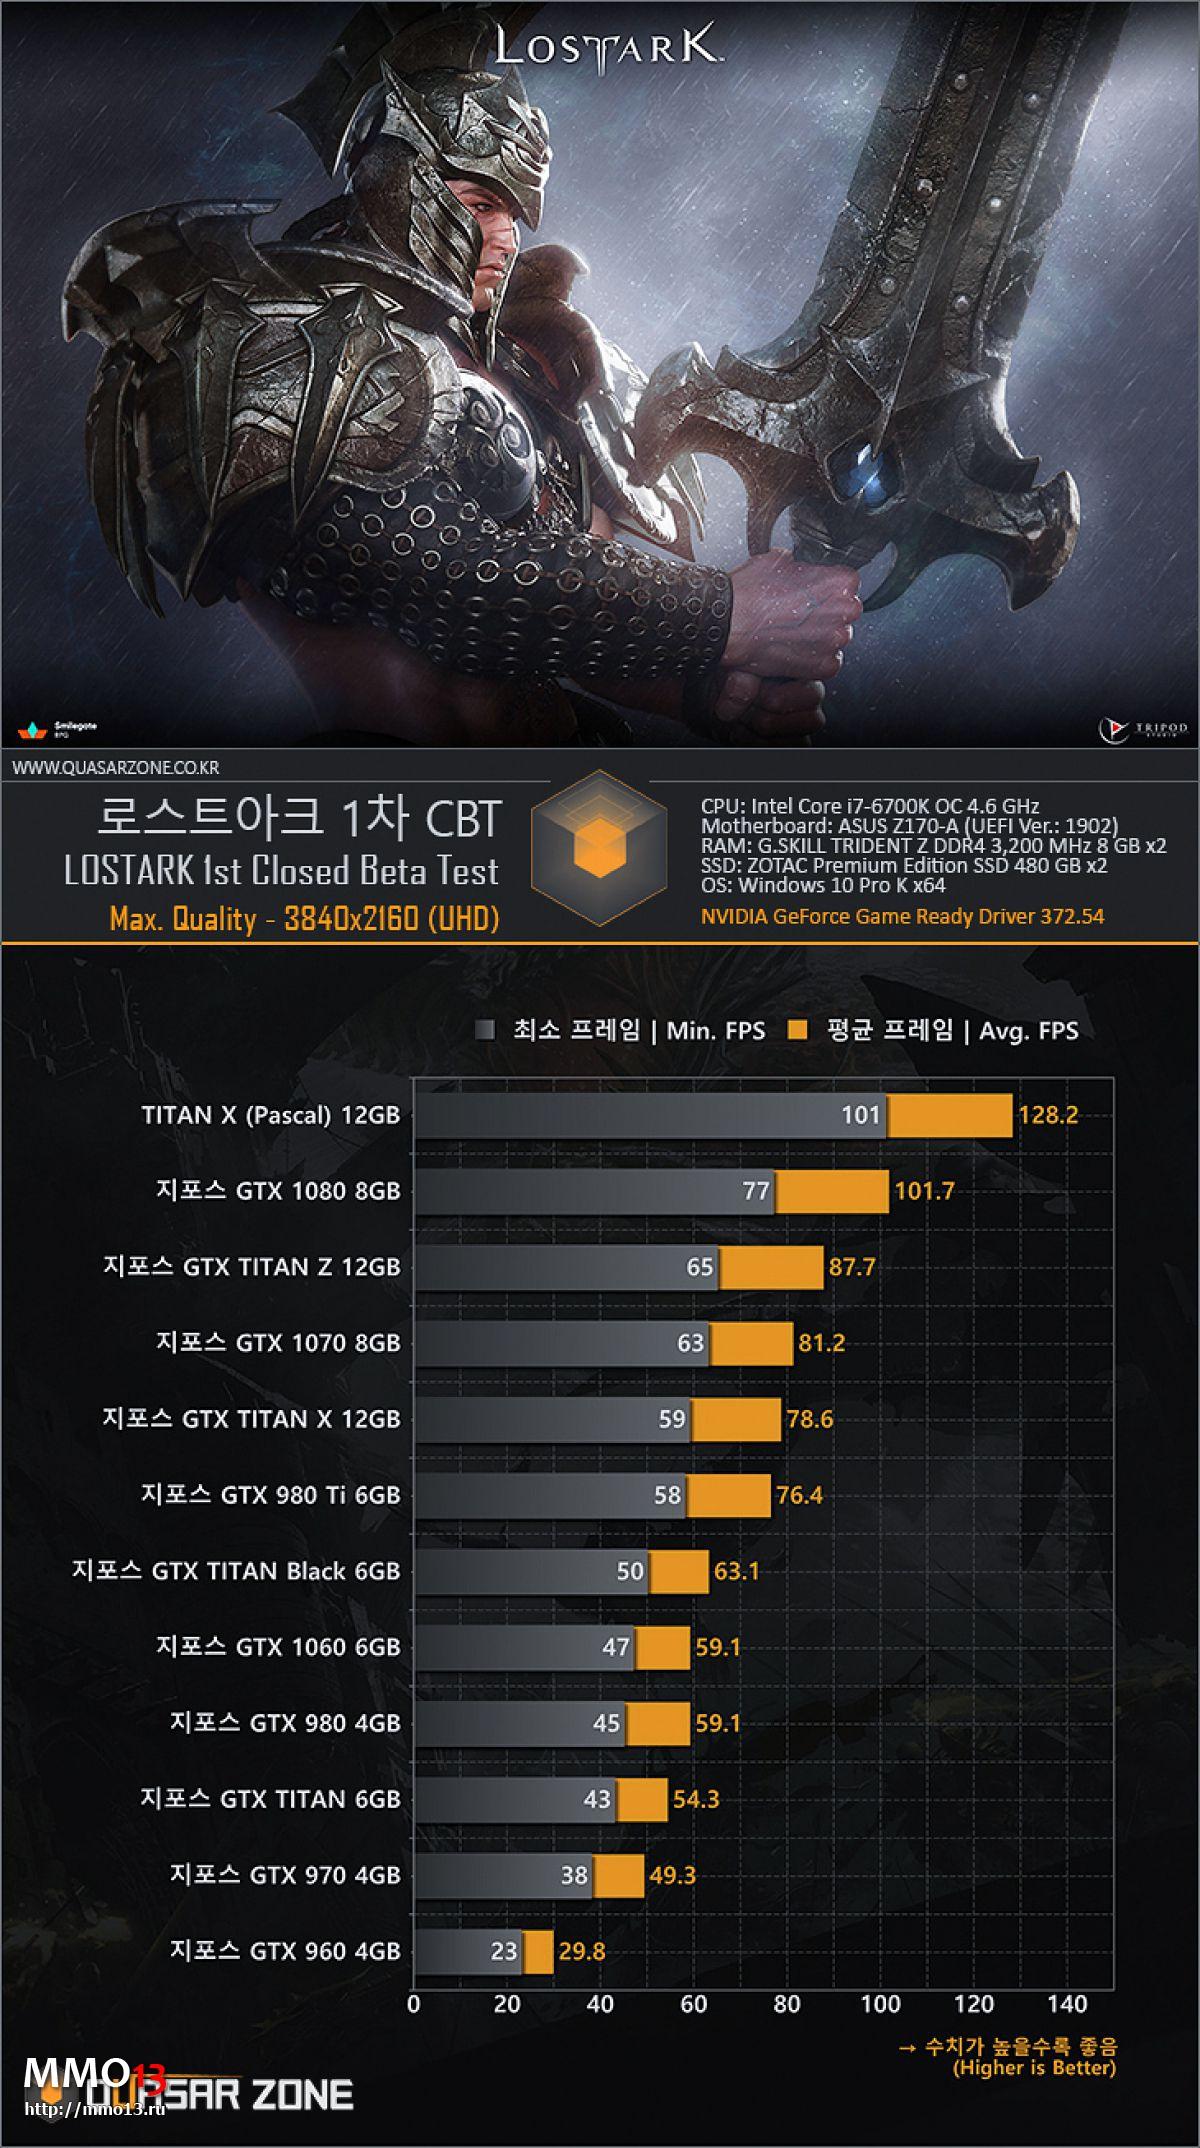 Корейцы протестировали производительность Lost Ark на видеокартах Nvidia различных лет 15234